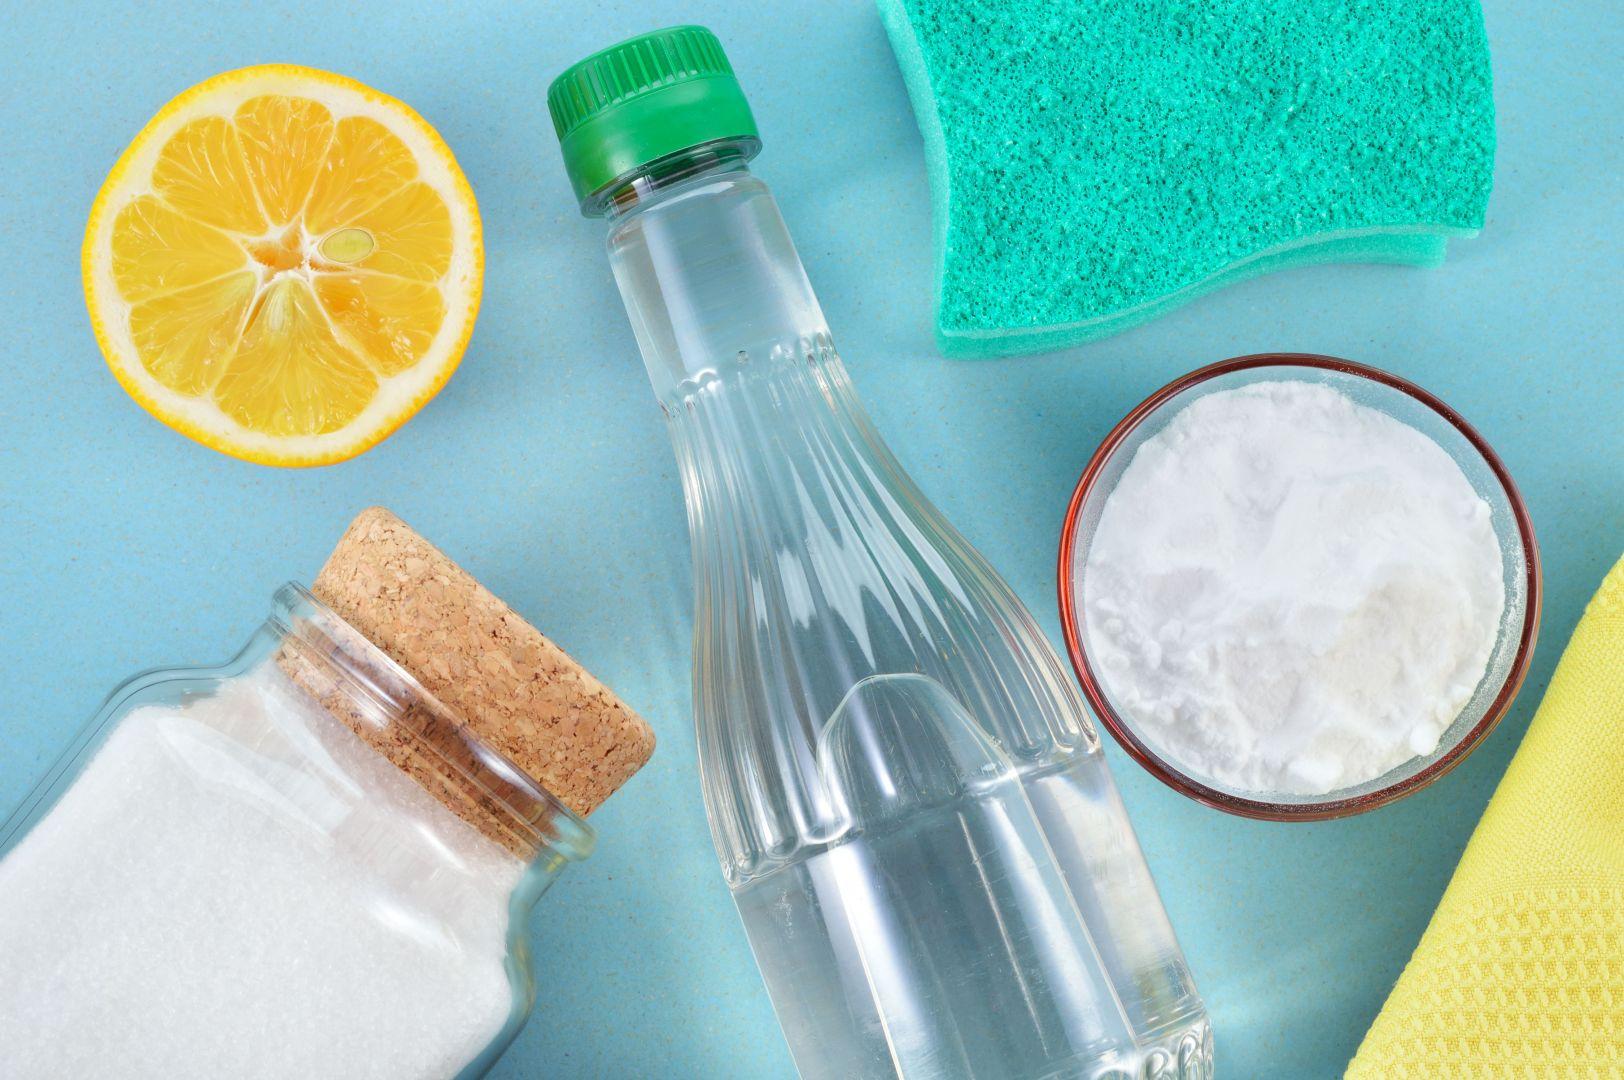 Sprzątać można bez detergentów, używając domowych środków czystości. Fot. 123RF